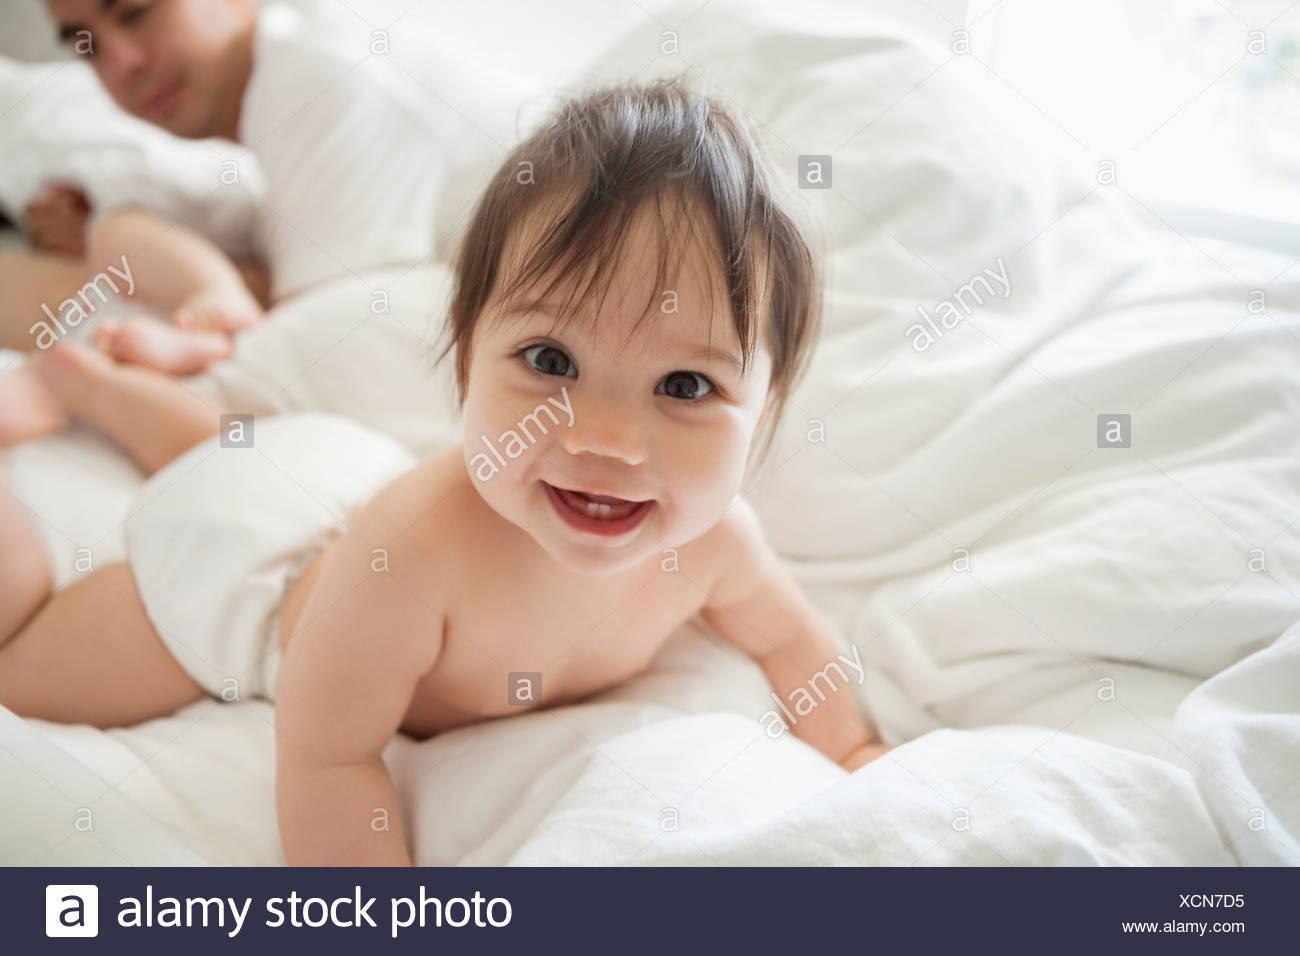 Babymädchen kriechen in Bettwäsche Stockbild